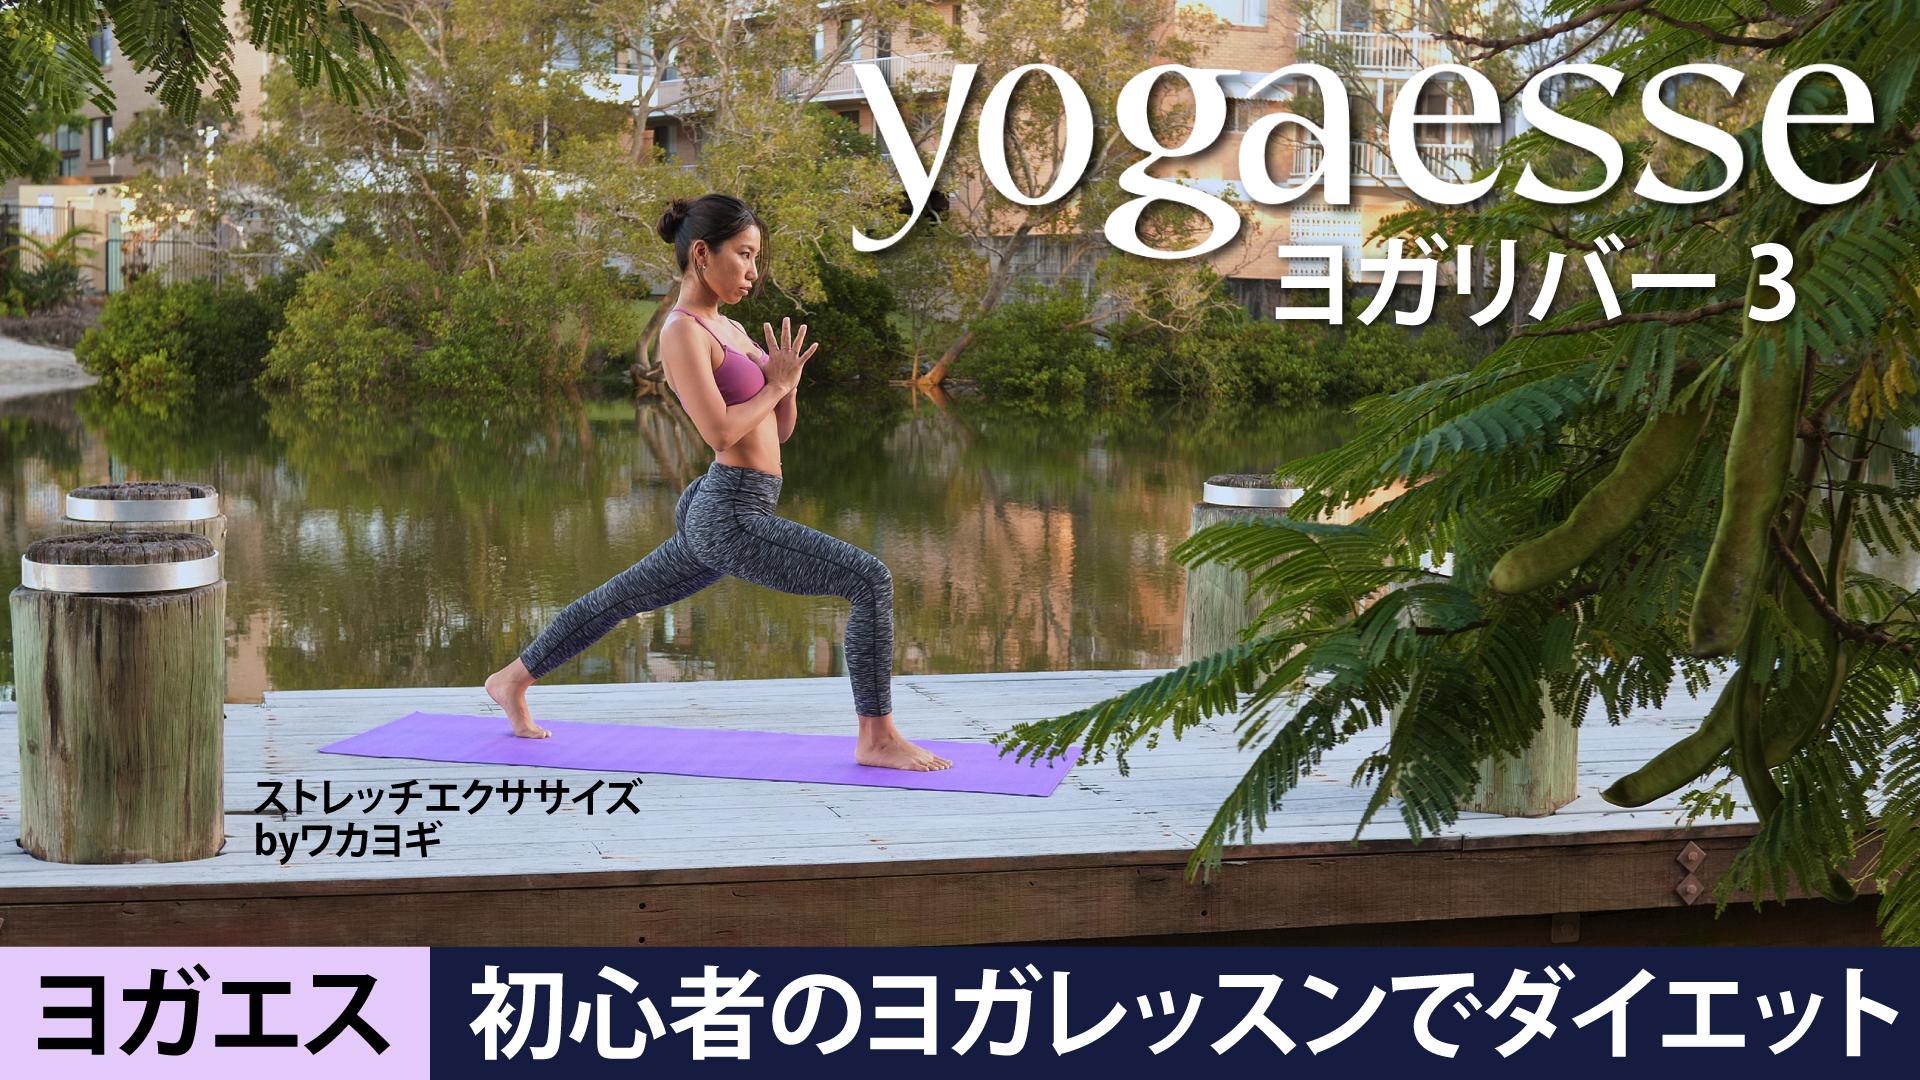 Yogaesse (ヨガエス) ヨガリバー 3 | 初心者のヨガレッスンでダイエット | ストレッチエクササイズ